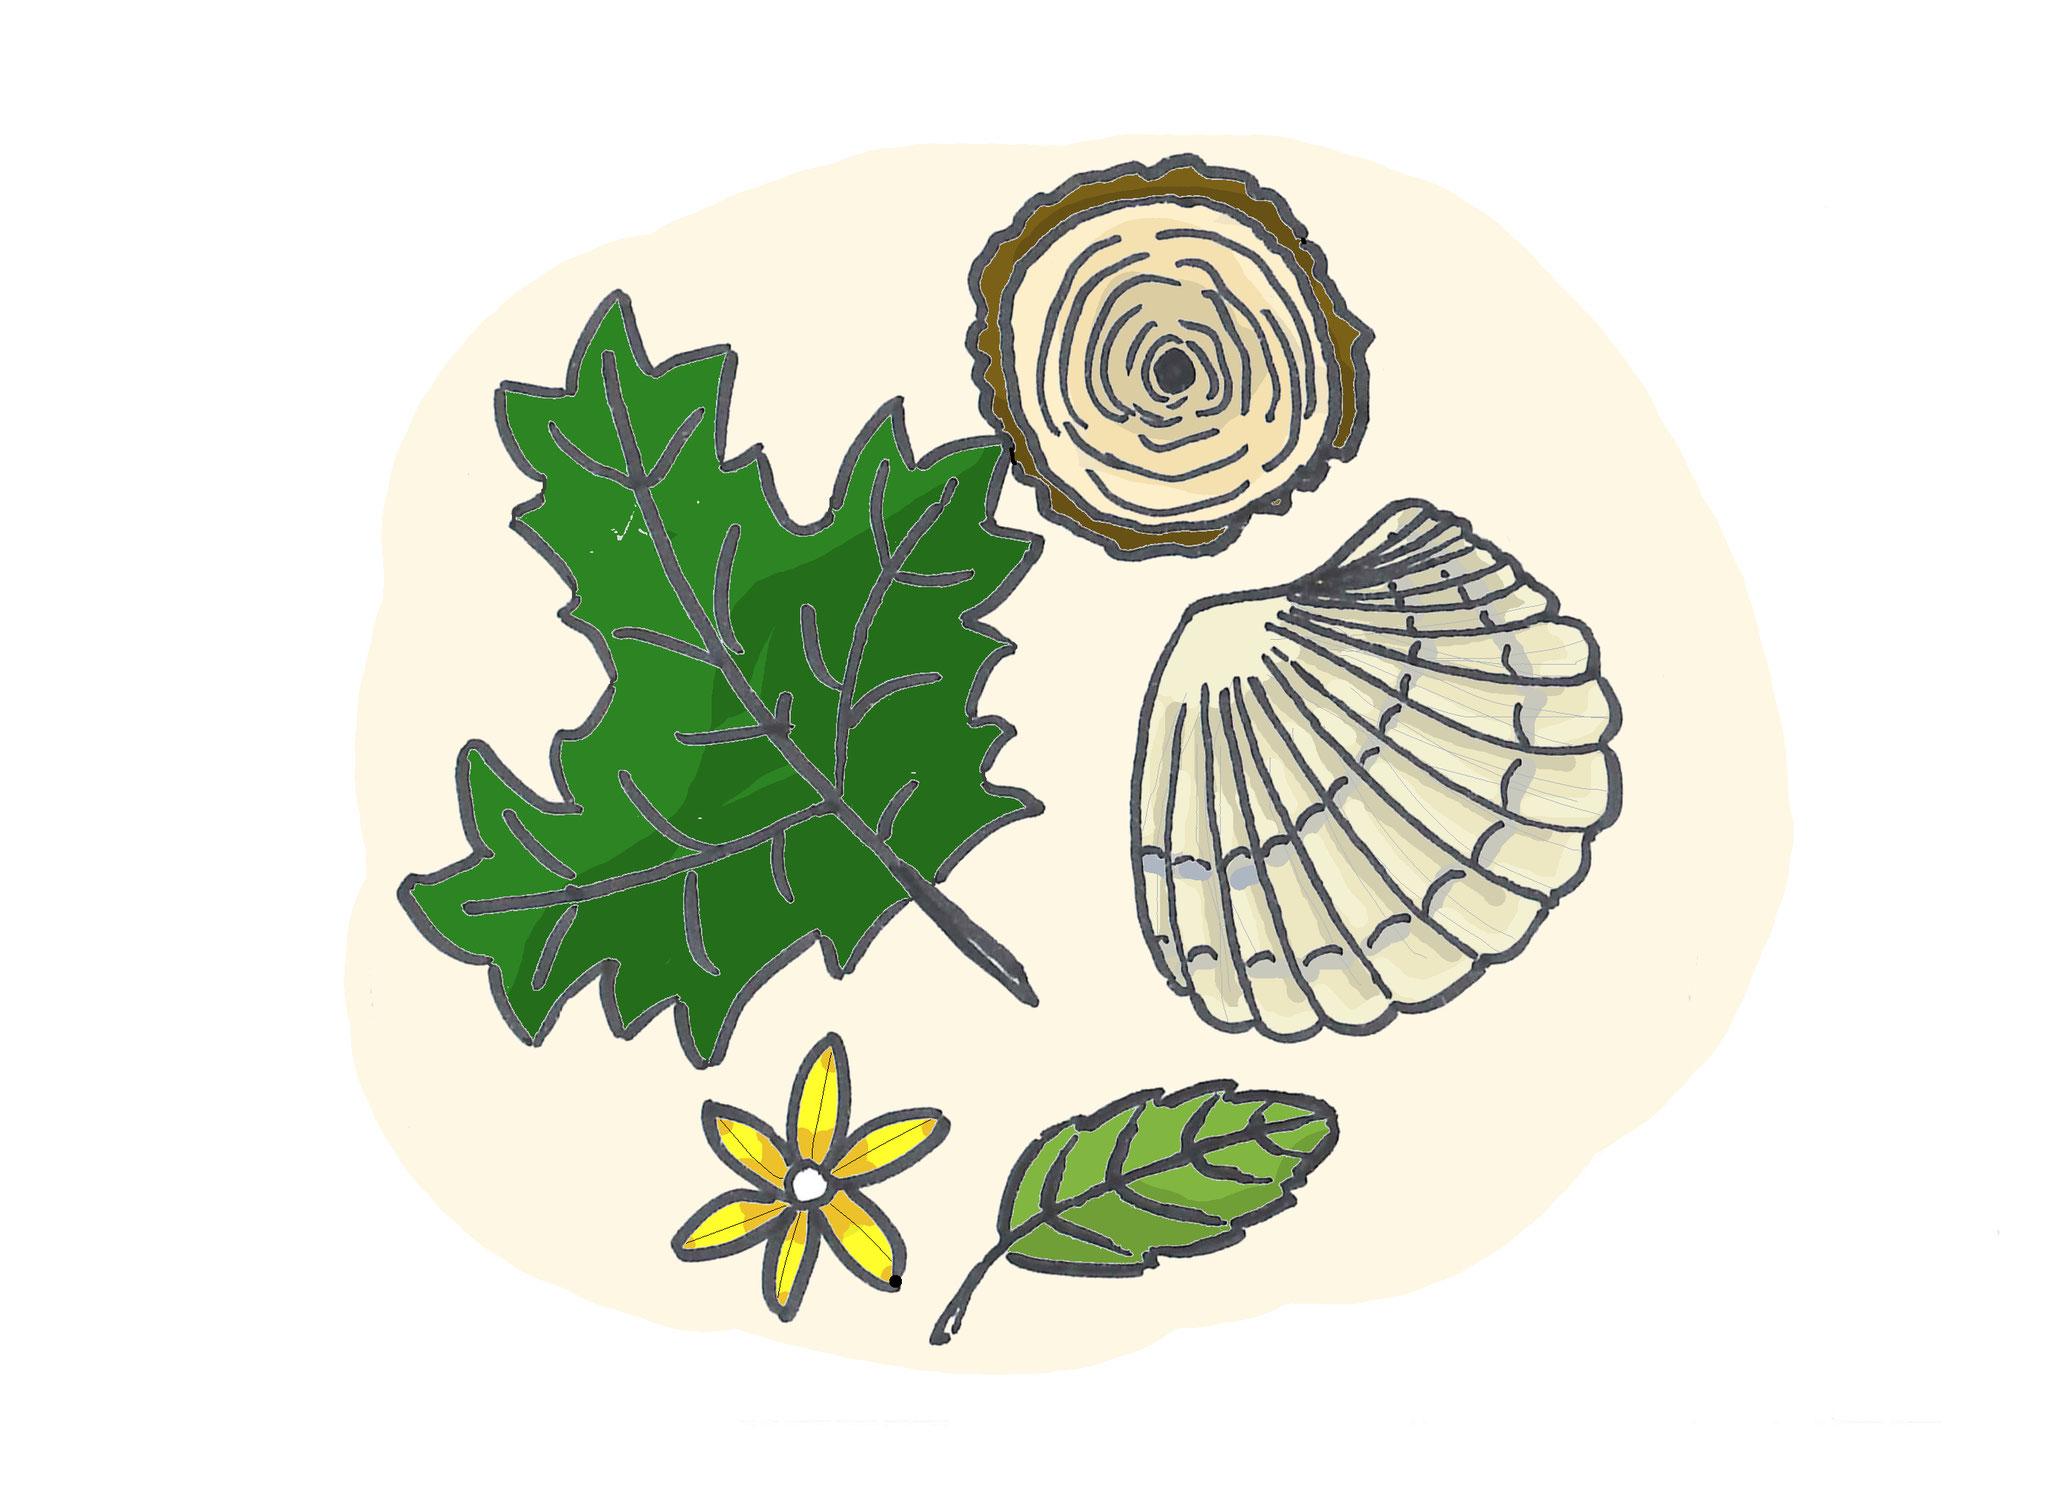 3. Naturmaterialien sammeln: Der Kita-Garten, ein Wald oder Park gibt alles her, was es für gutes Spielzeug braucht. Aus Blättern können Bilder, aus Stöcken Figuren, aus Blumen Kränze gemacht werden.